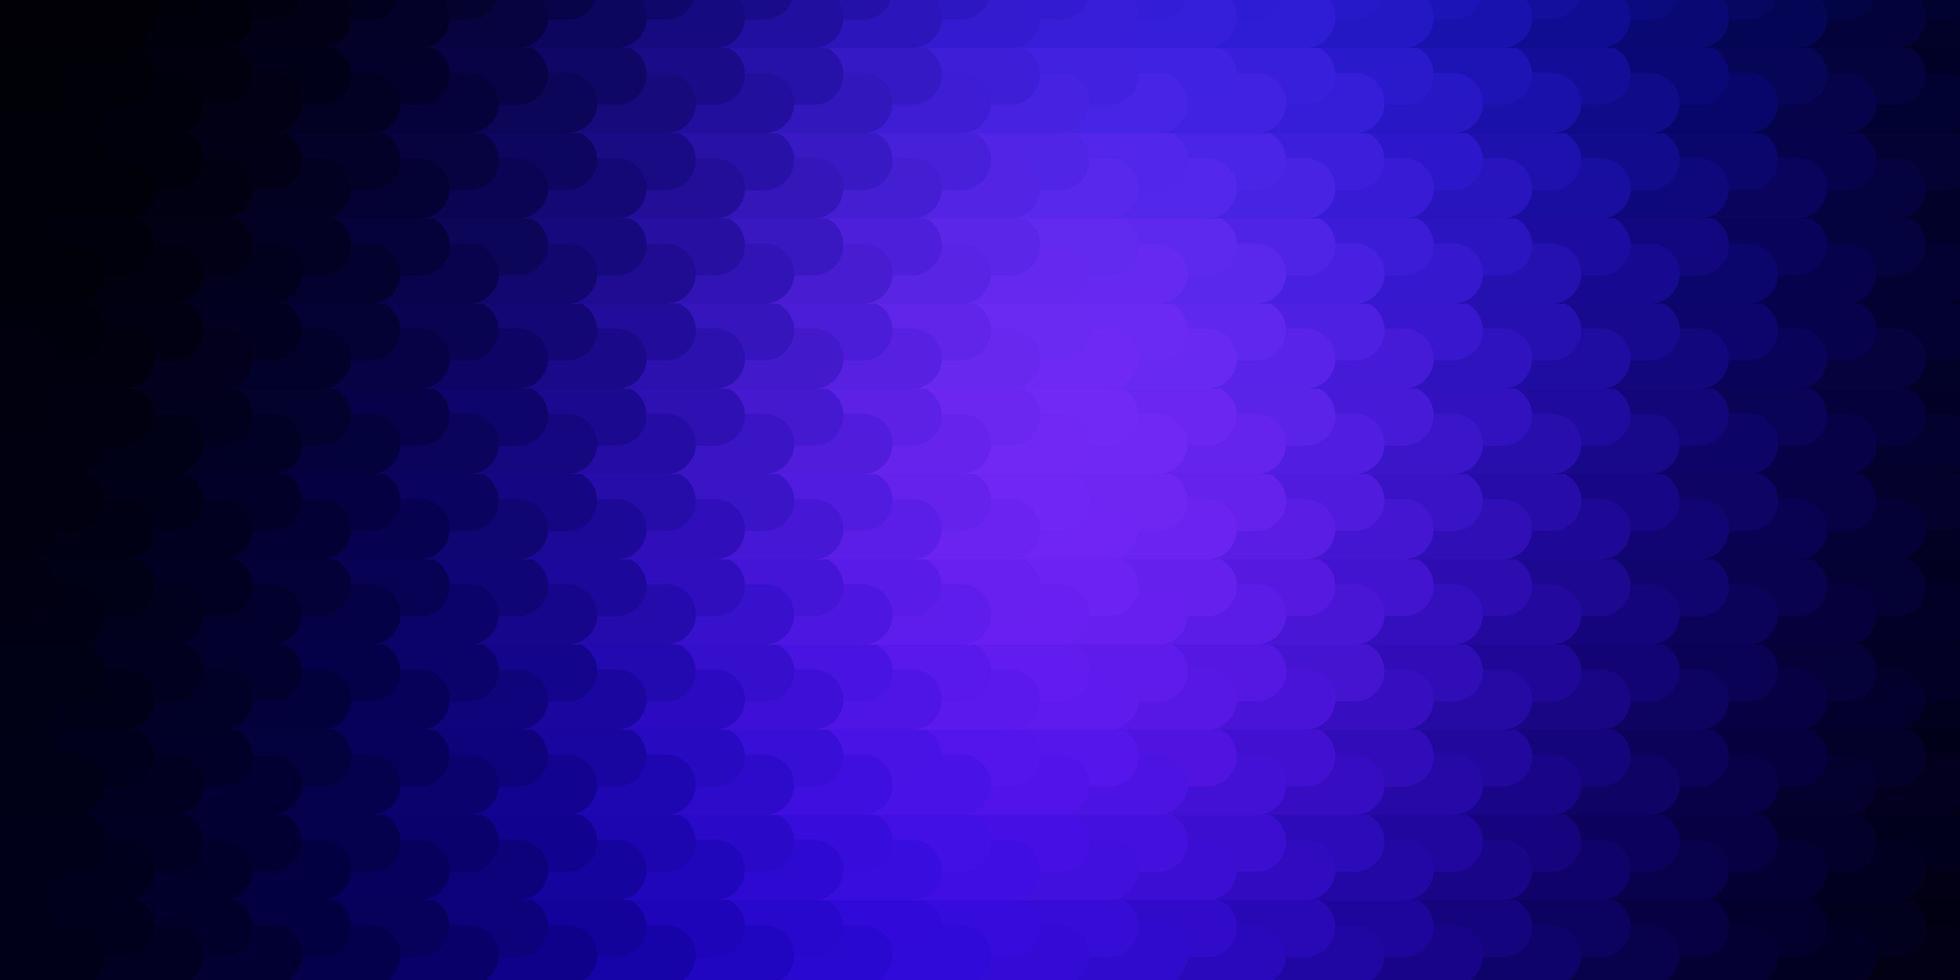 patrón de vector azul oscuro con líneas.